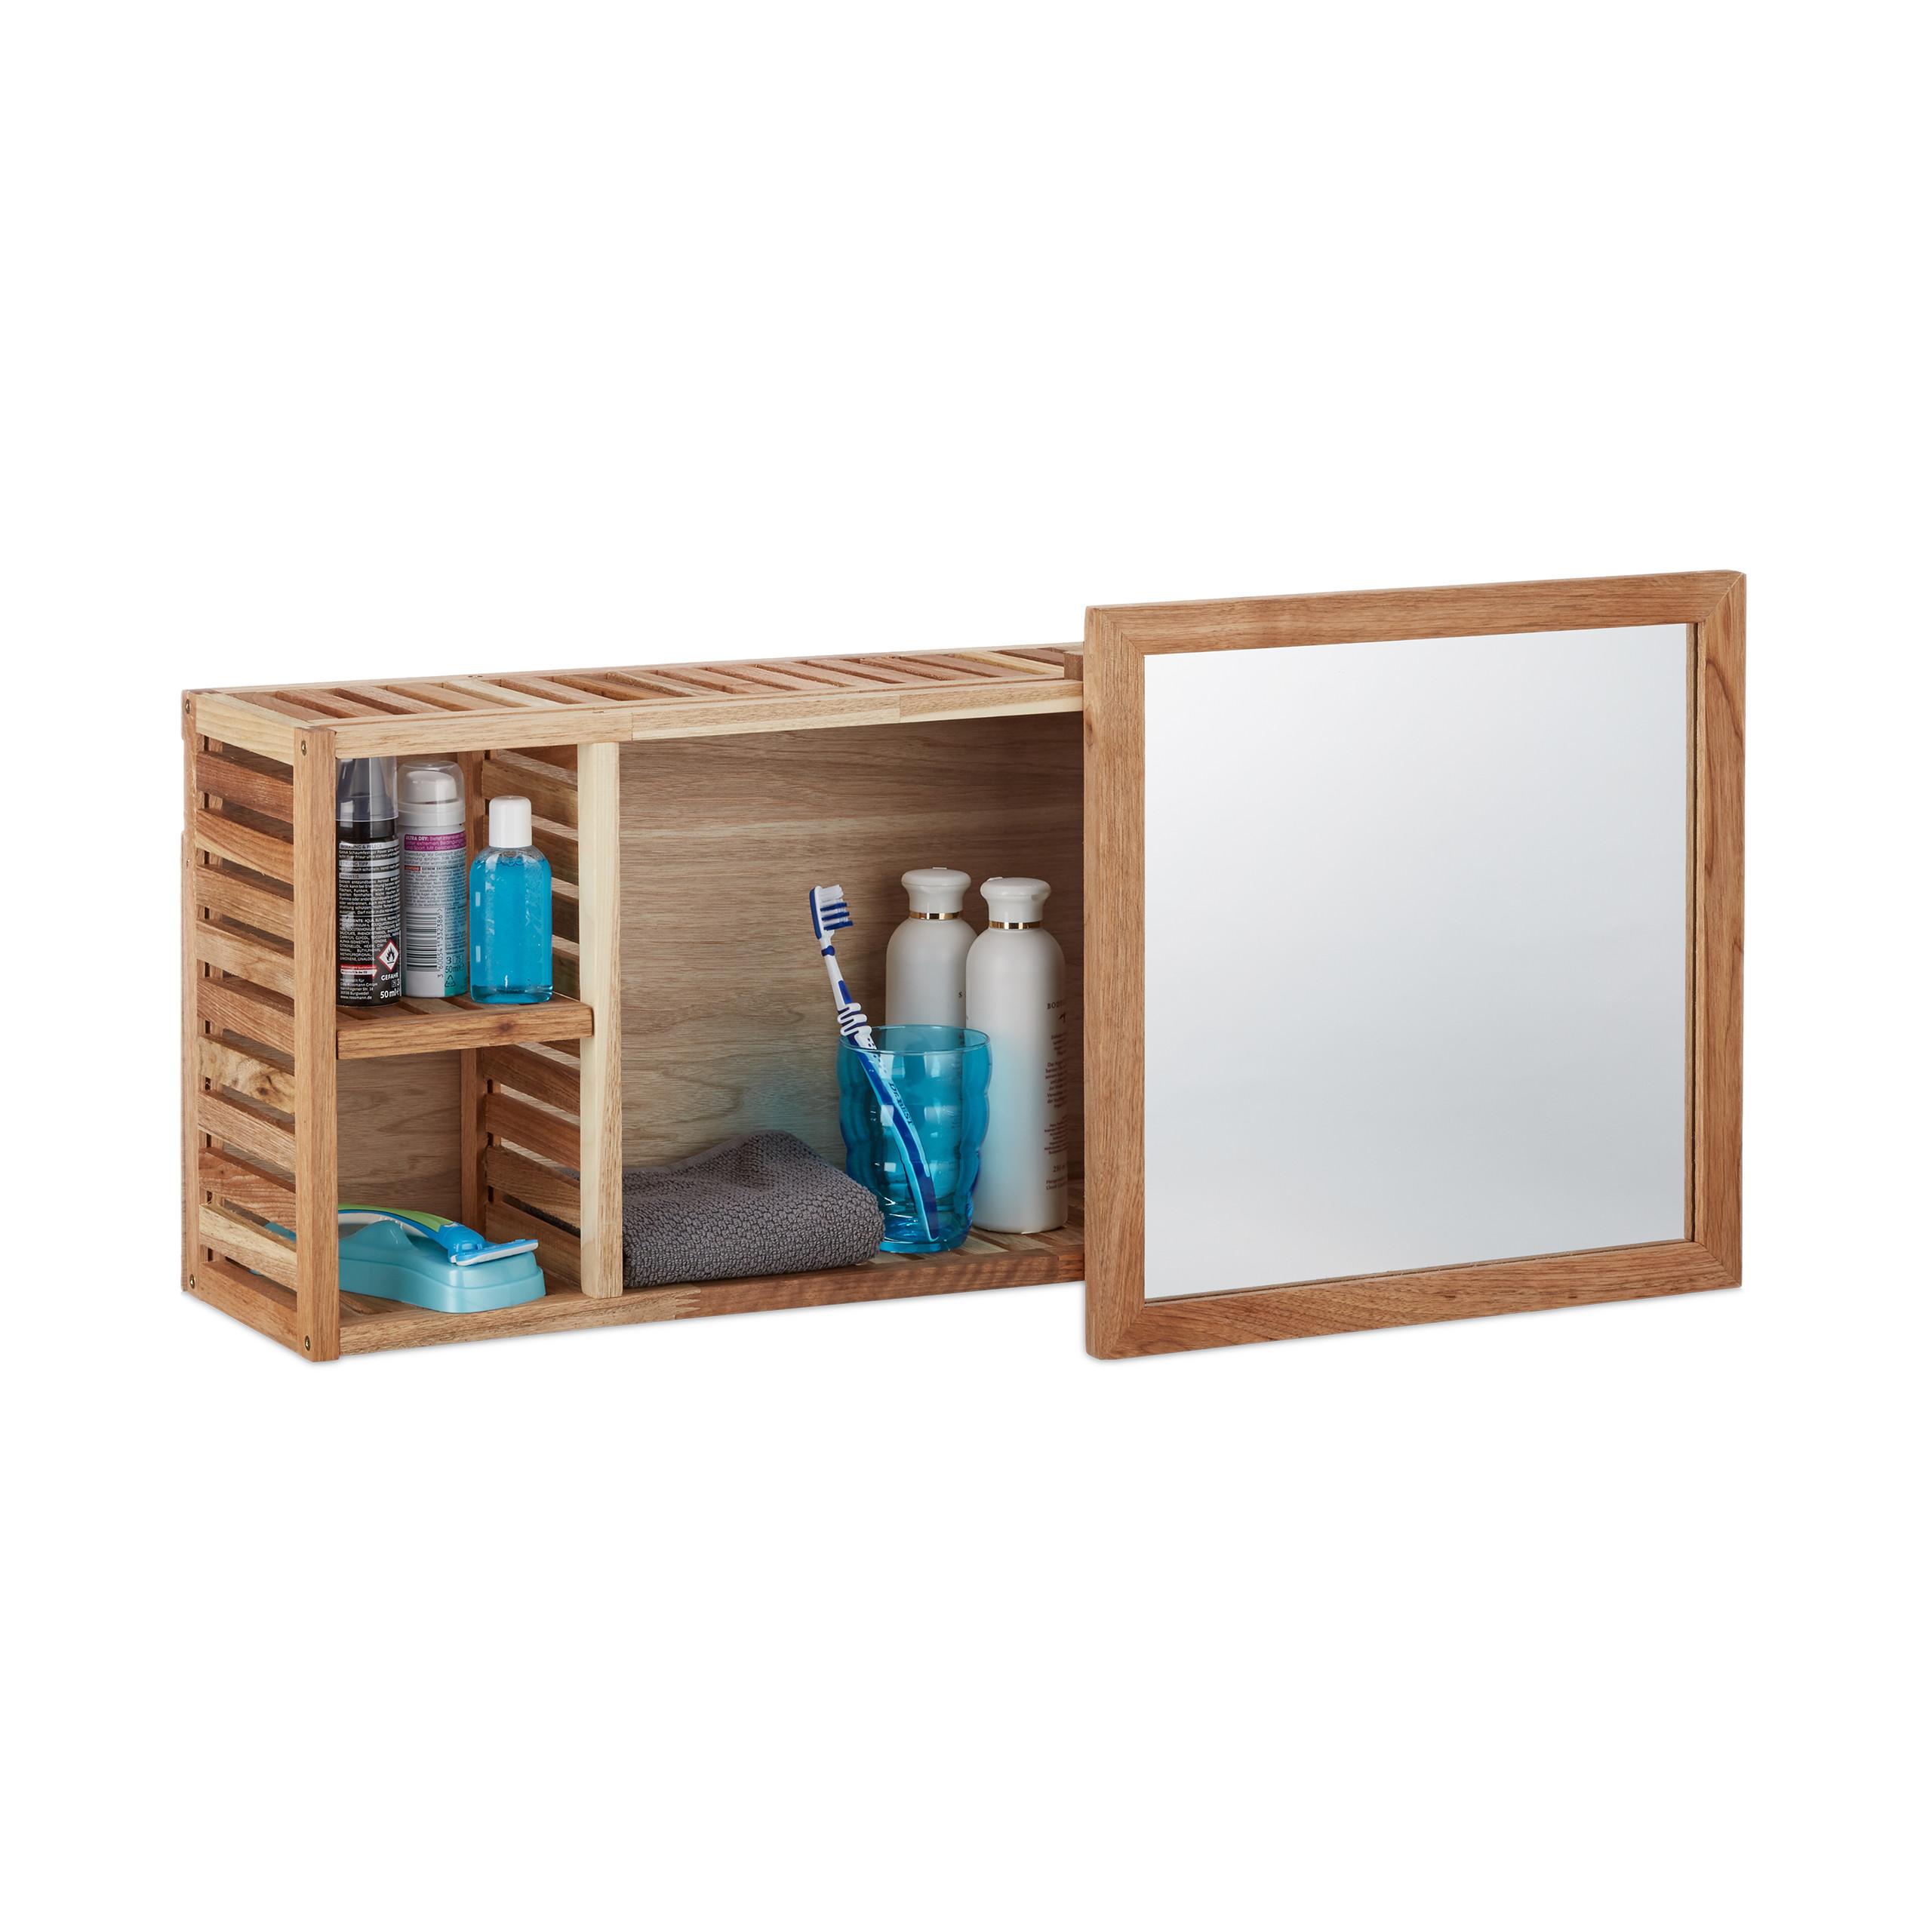 Wandregal mit spiegel verschiebbar robuster badschrank aus walnuss holzregal ebay - Badschrank mit spiegel ...